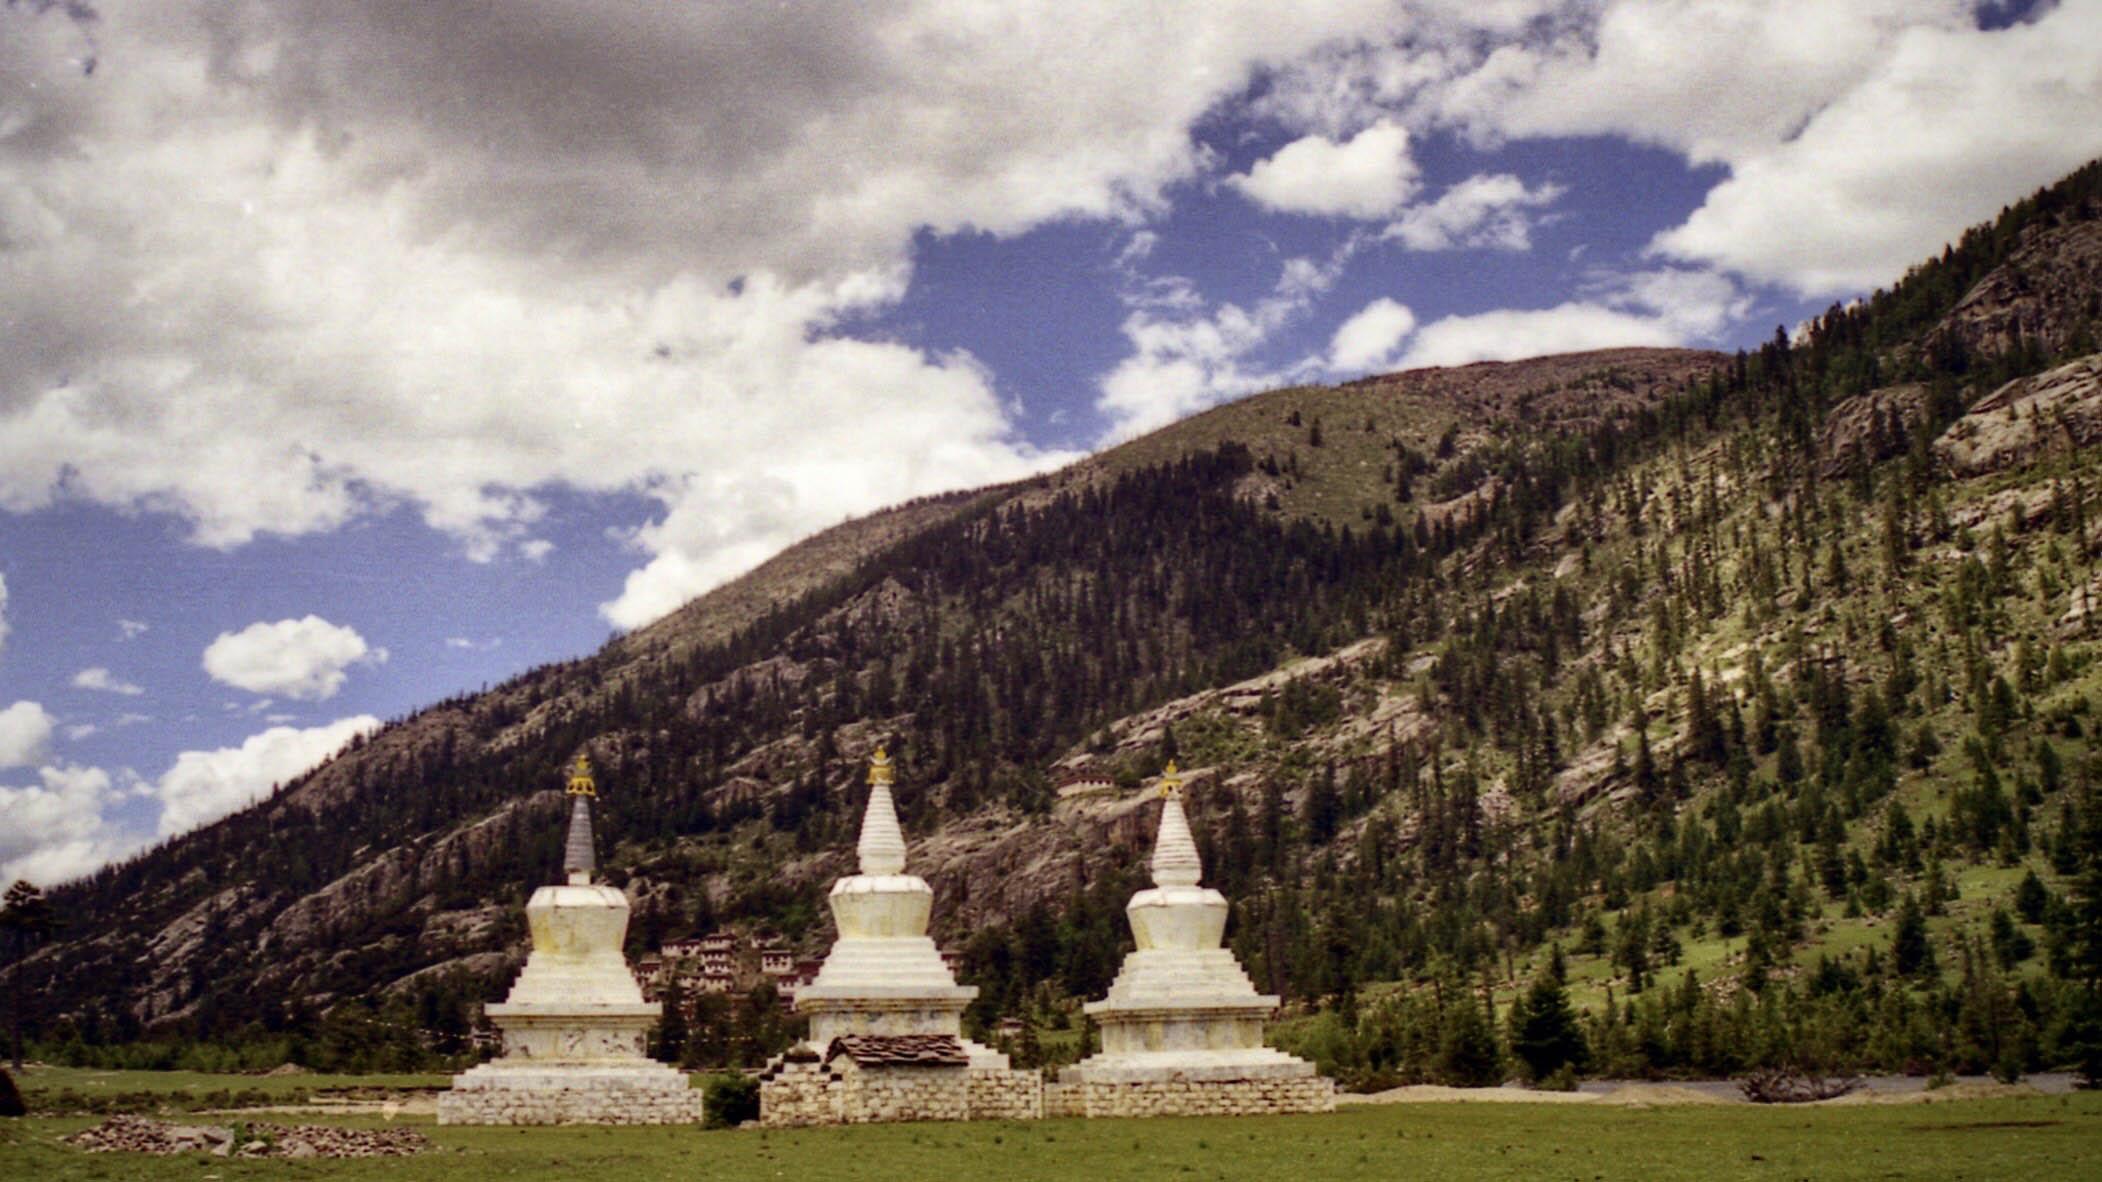 白塔后面的山上是崩坡寺。(唯色1999年摄影)